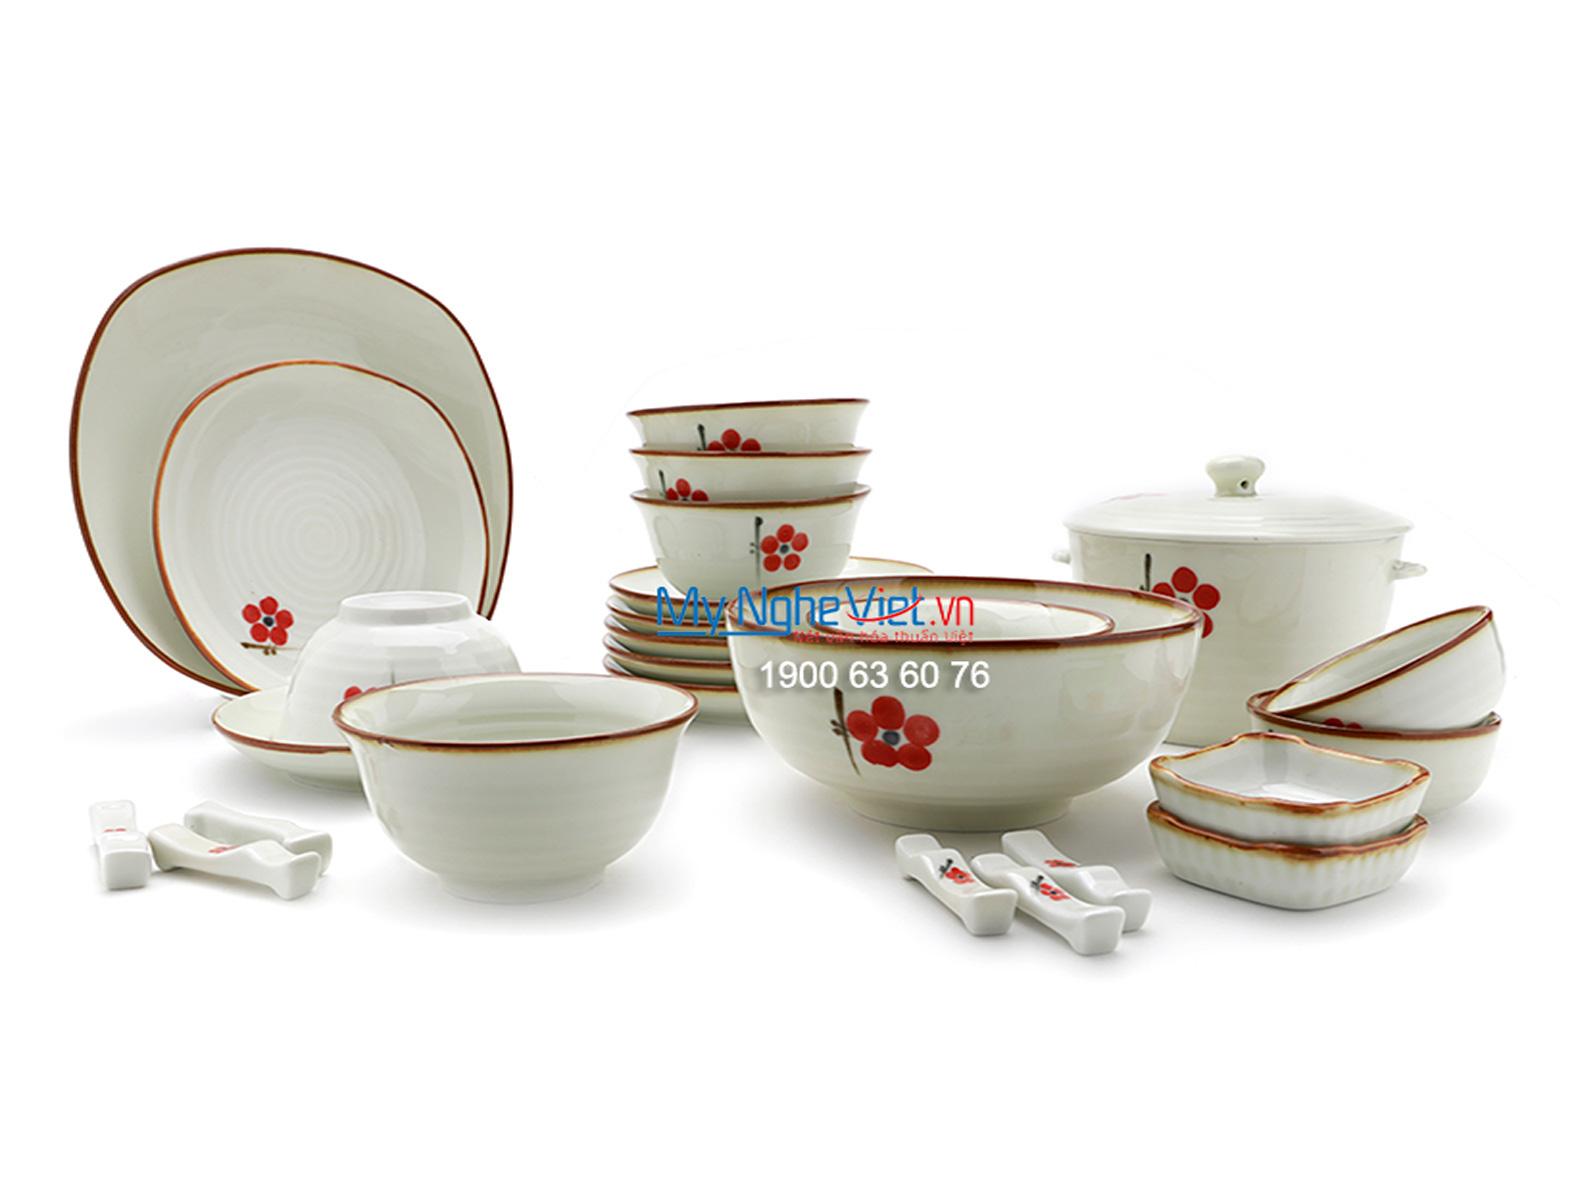 Bộ bàn ăn men trắng kem vẽ hoa đào đỏ 6 người  BA017